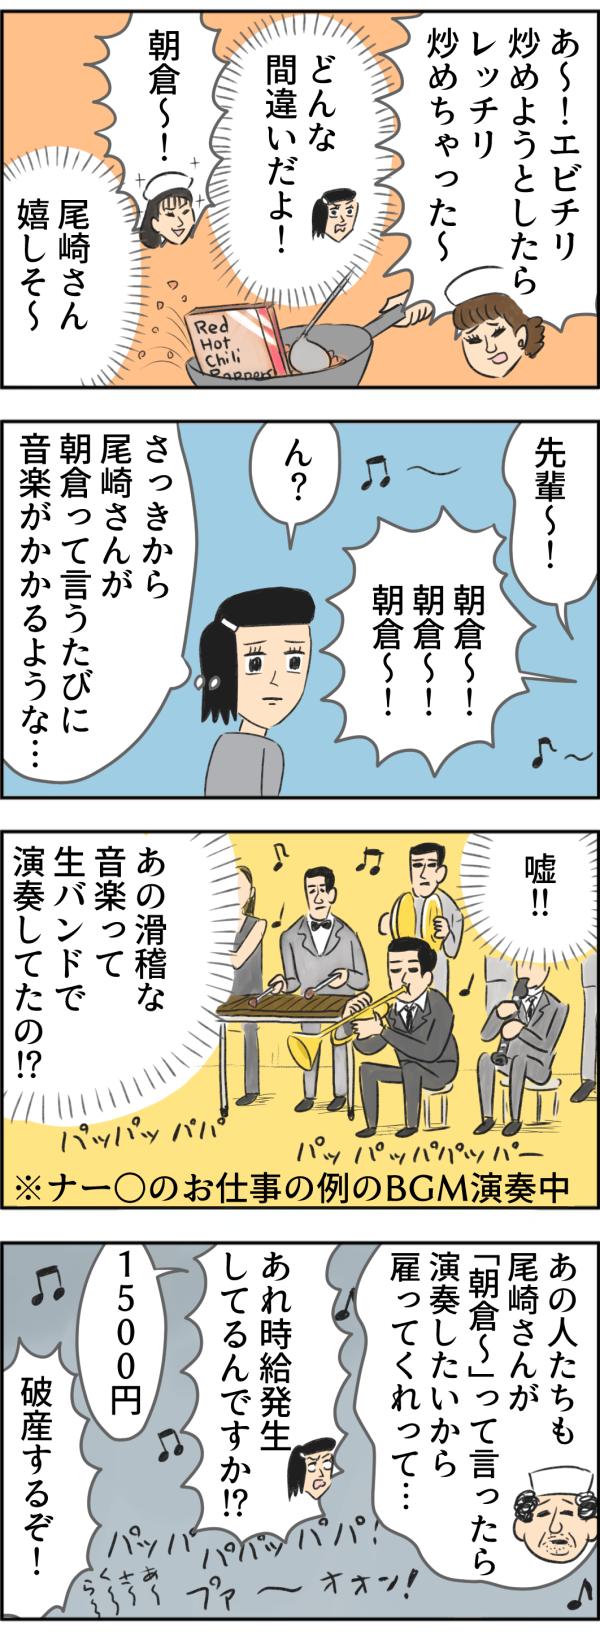 朝倉さんは、「エビチリ炒めようとしたら、レッチリ炒めちゃった~。」とさらにミスを連発。サチコは思わず、「どんな間違いだよ!」とツッコミますが、尾崎さんは「朝倉~!」と嬉しそう。しばらくして、『ん?さっきから尾崎さんが朝倉って言うたびに音楽がかかるような…』と不思議に思い振り返ると、なんと生バンドでナー◯のお仕事の例のBGMが演奏されていました。驚くサチコに、「あの人たちも朝倉~って言ったら演奏したいから雇ってくれって…」と時給1500円を支払っていることを打ち明けたマスター。「破産するぞ!」と驚きを隠せないサチコなのでした。